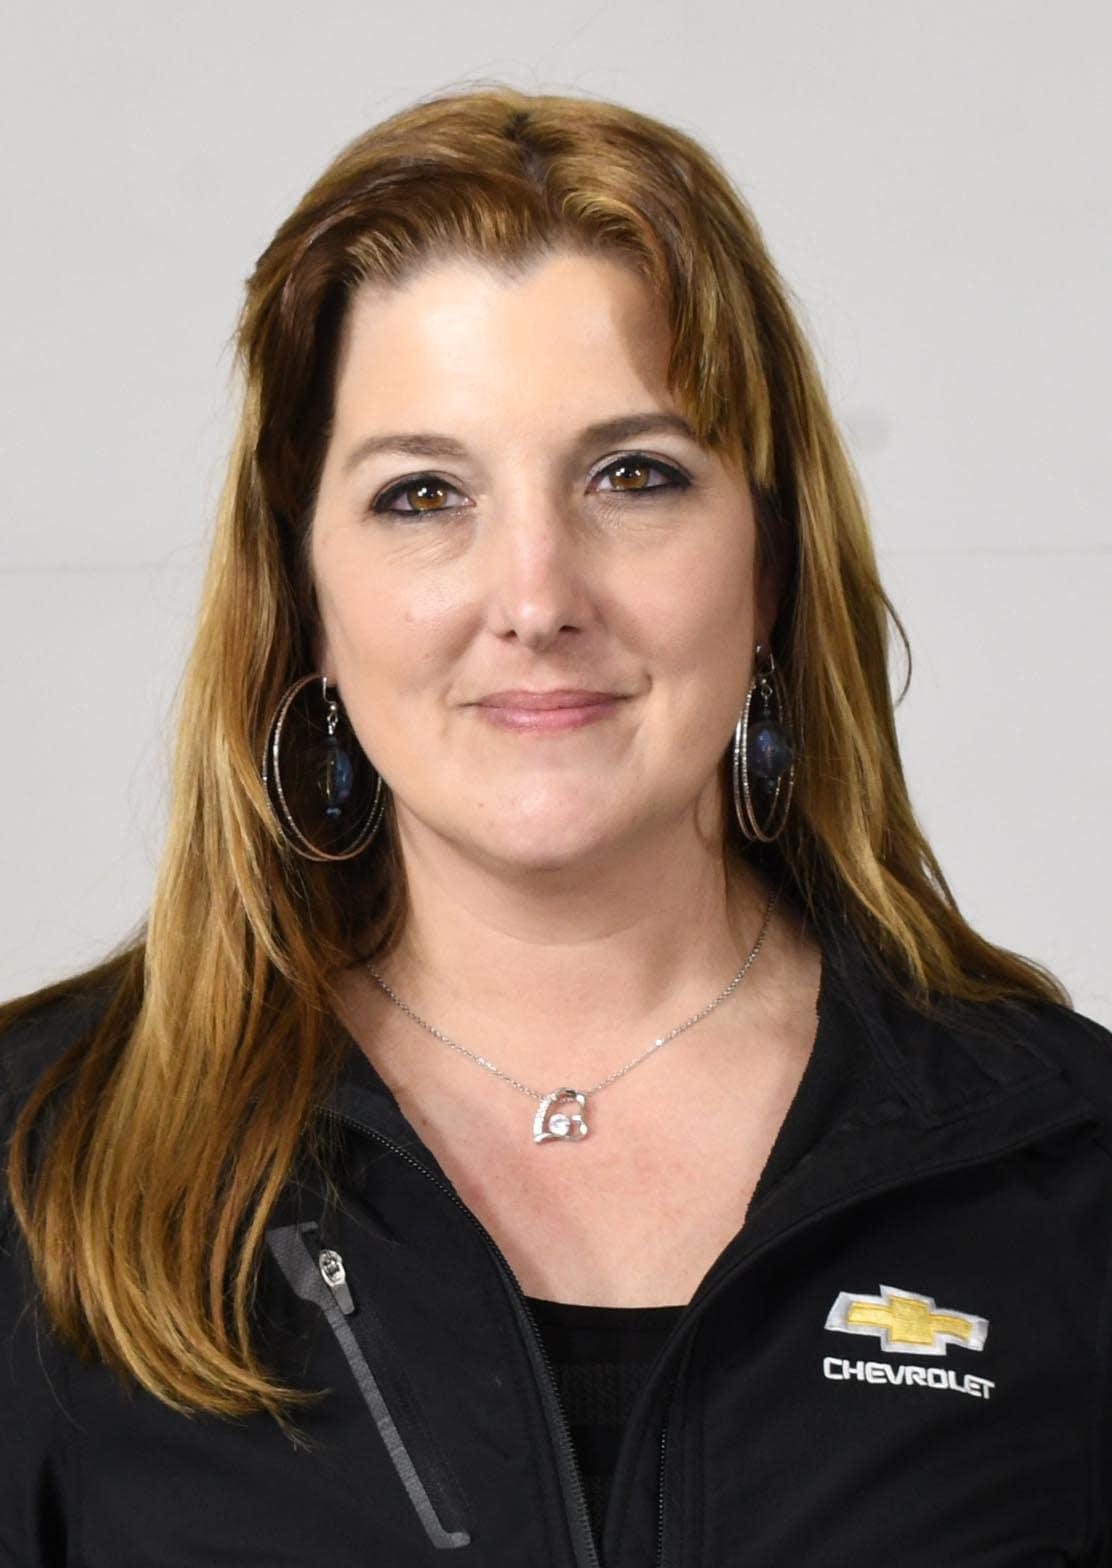 Tanya Zietler